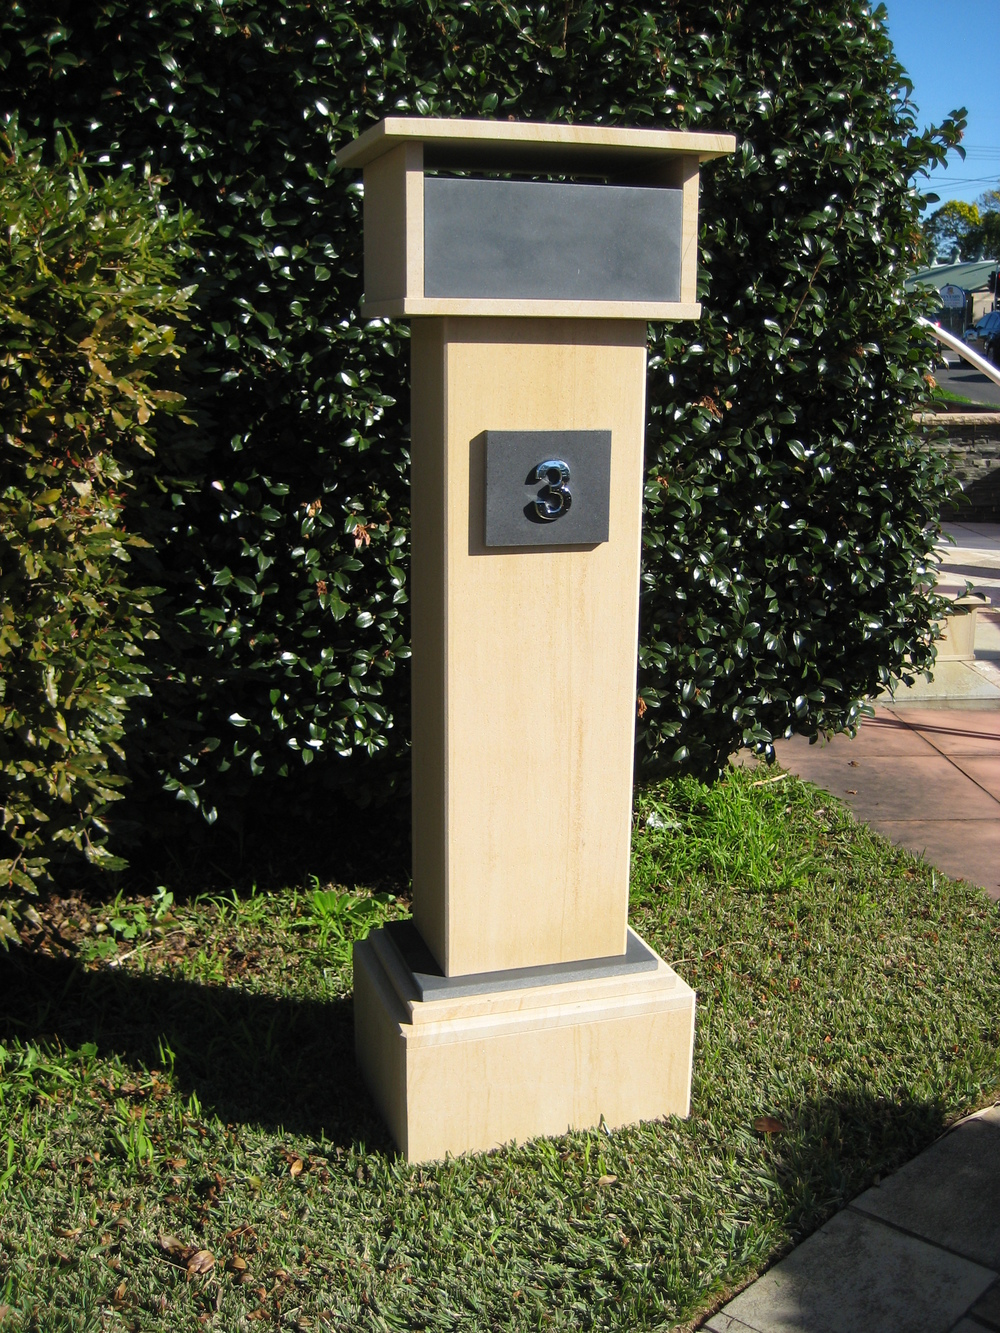 99. Extra tall letterbox, woodgrain sandstone. 1060 tall, dimentions 1250x400x300 $440